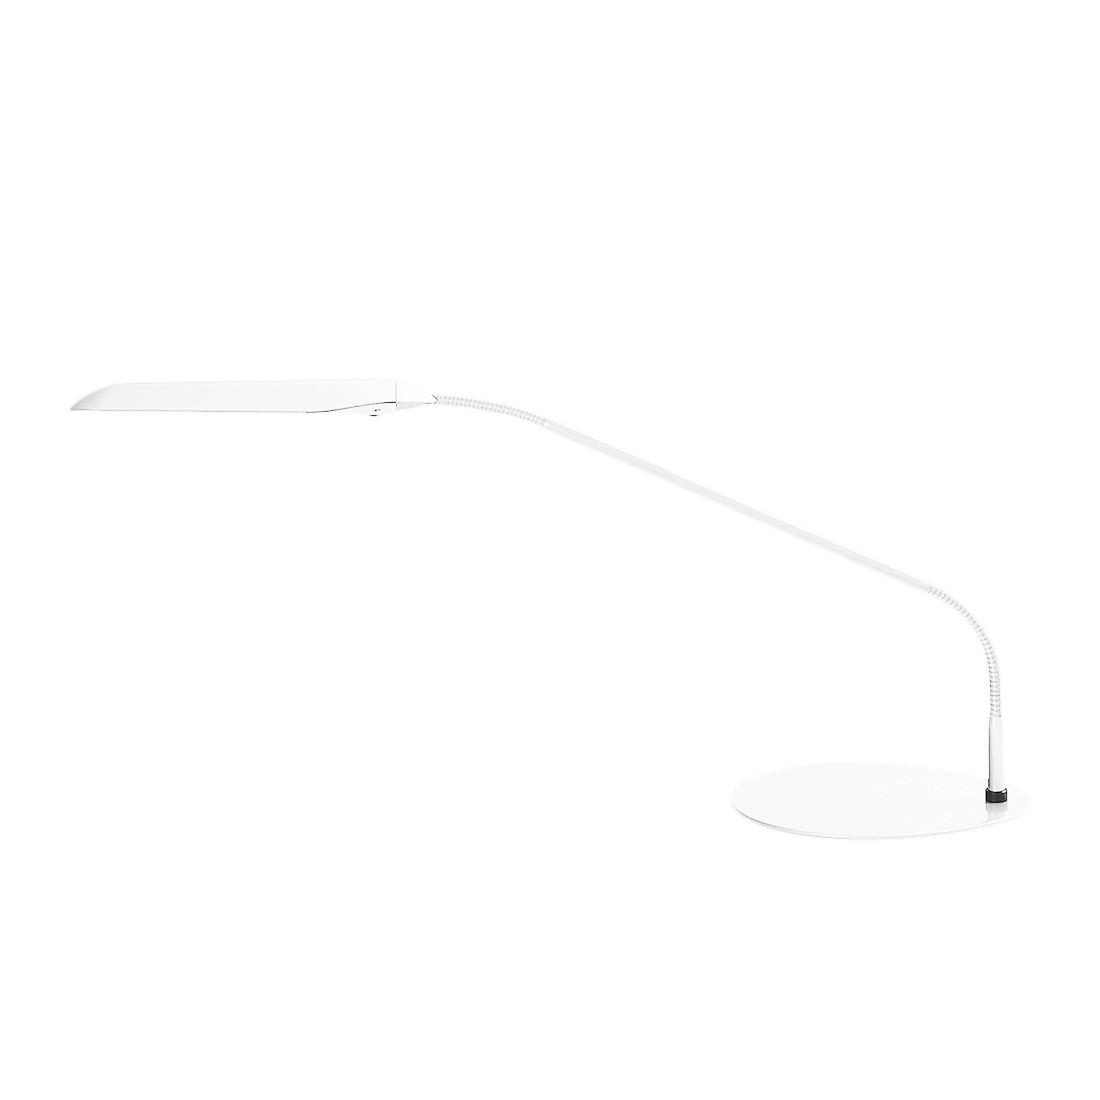 Tischleuchte IS 2A ● Metall/Kunststoff ● Weiß ● 1-flammig- Blanke Design A